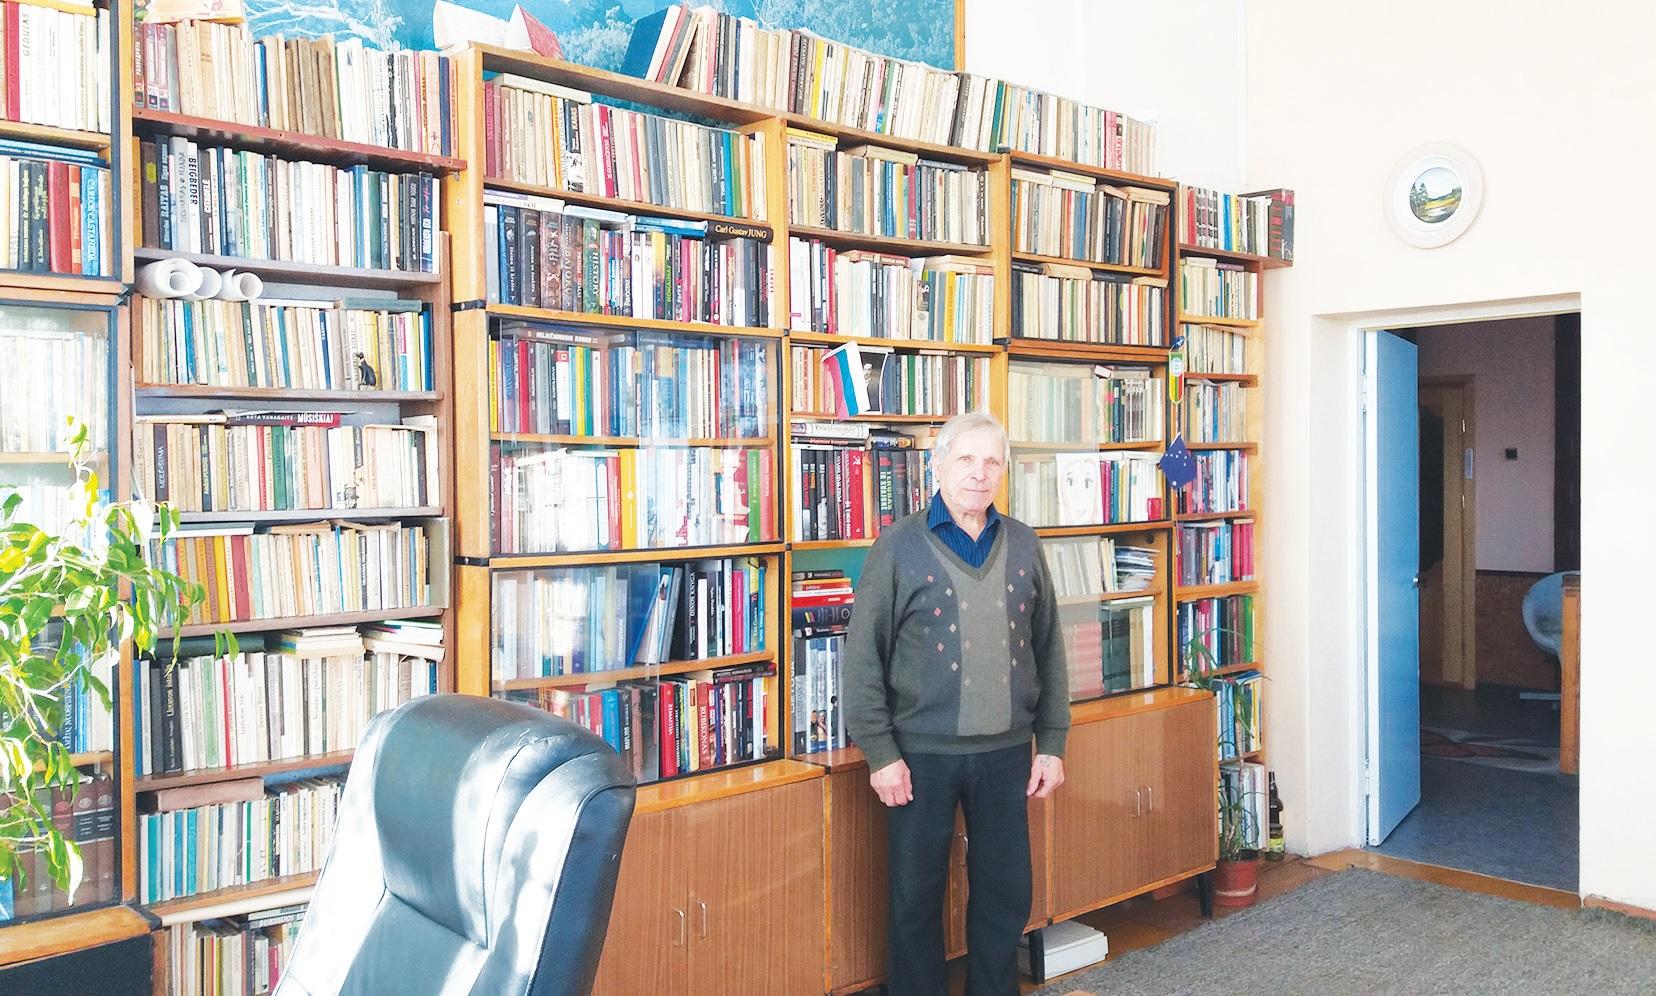 Vytenio Karanausko bibliotekoje tūkstančiai knygų – dideliame kambaryje aukštomis lubomis jų čia tiek, kad Vytenis įsitikinęs neperskaitysiąs per visą savo likusį gyvenimą. Asmeninio archyvo nuotr.